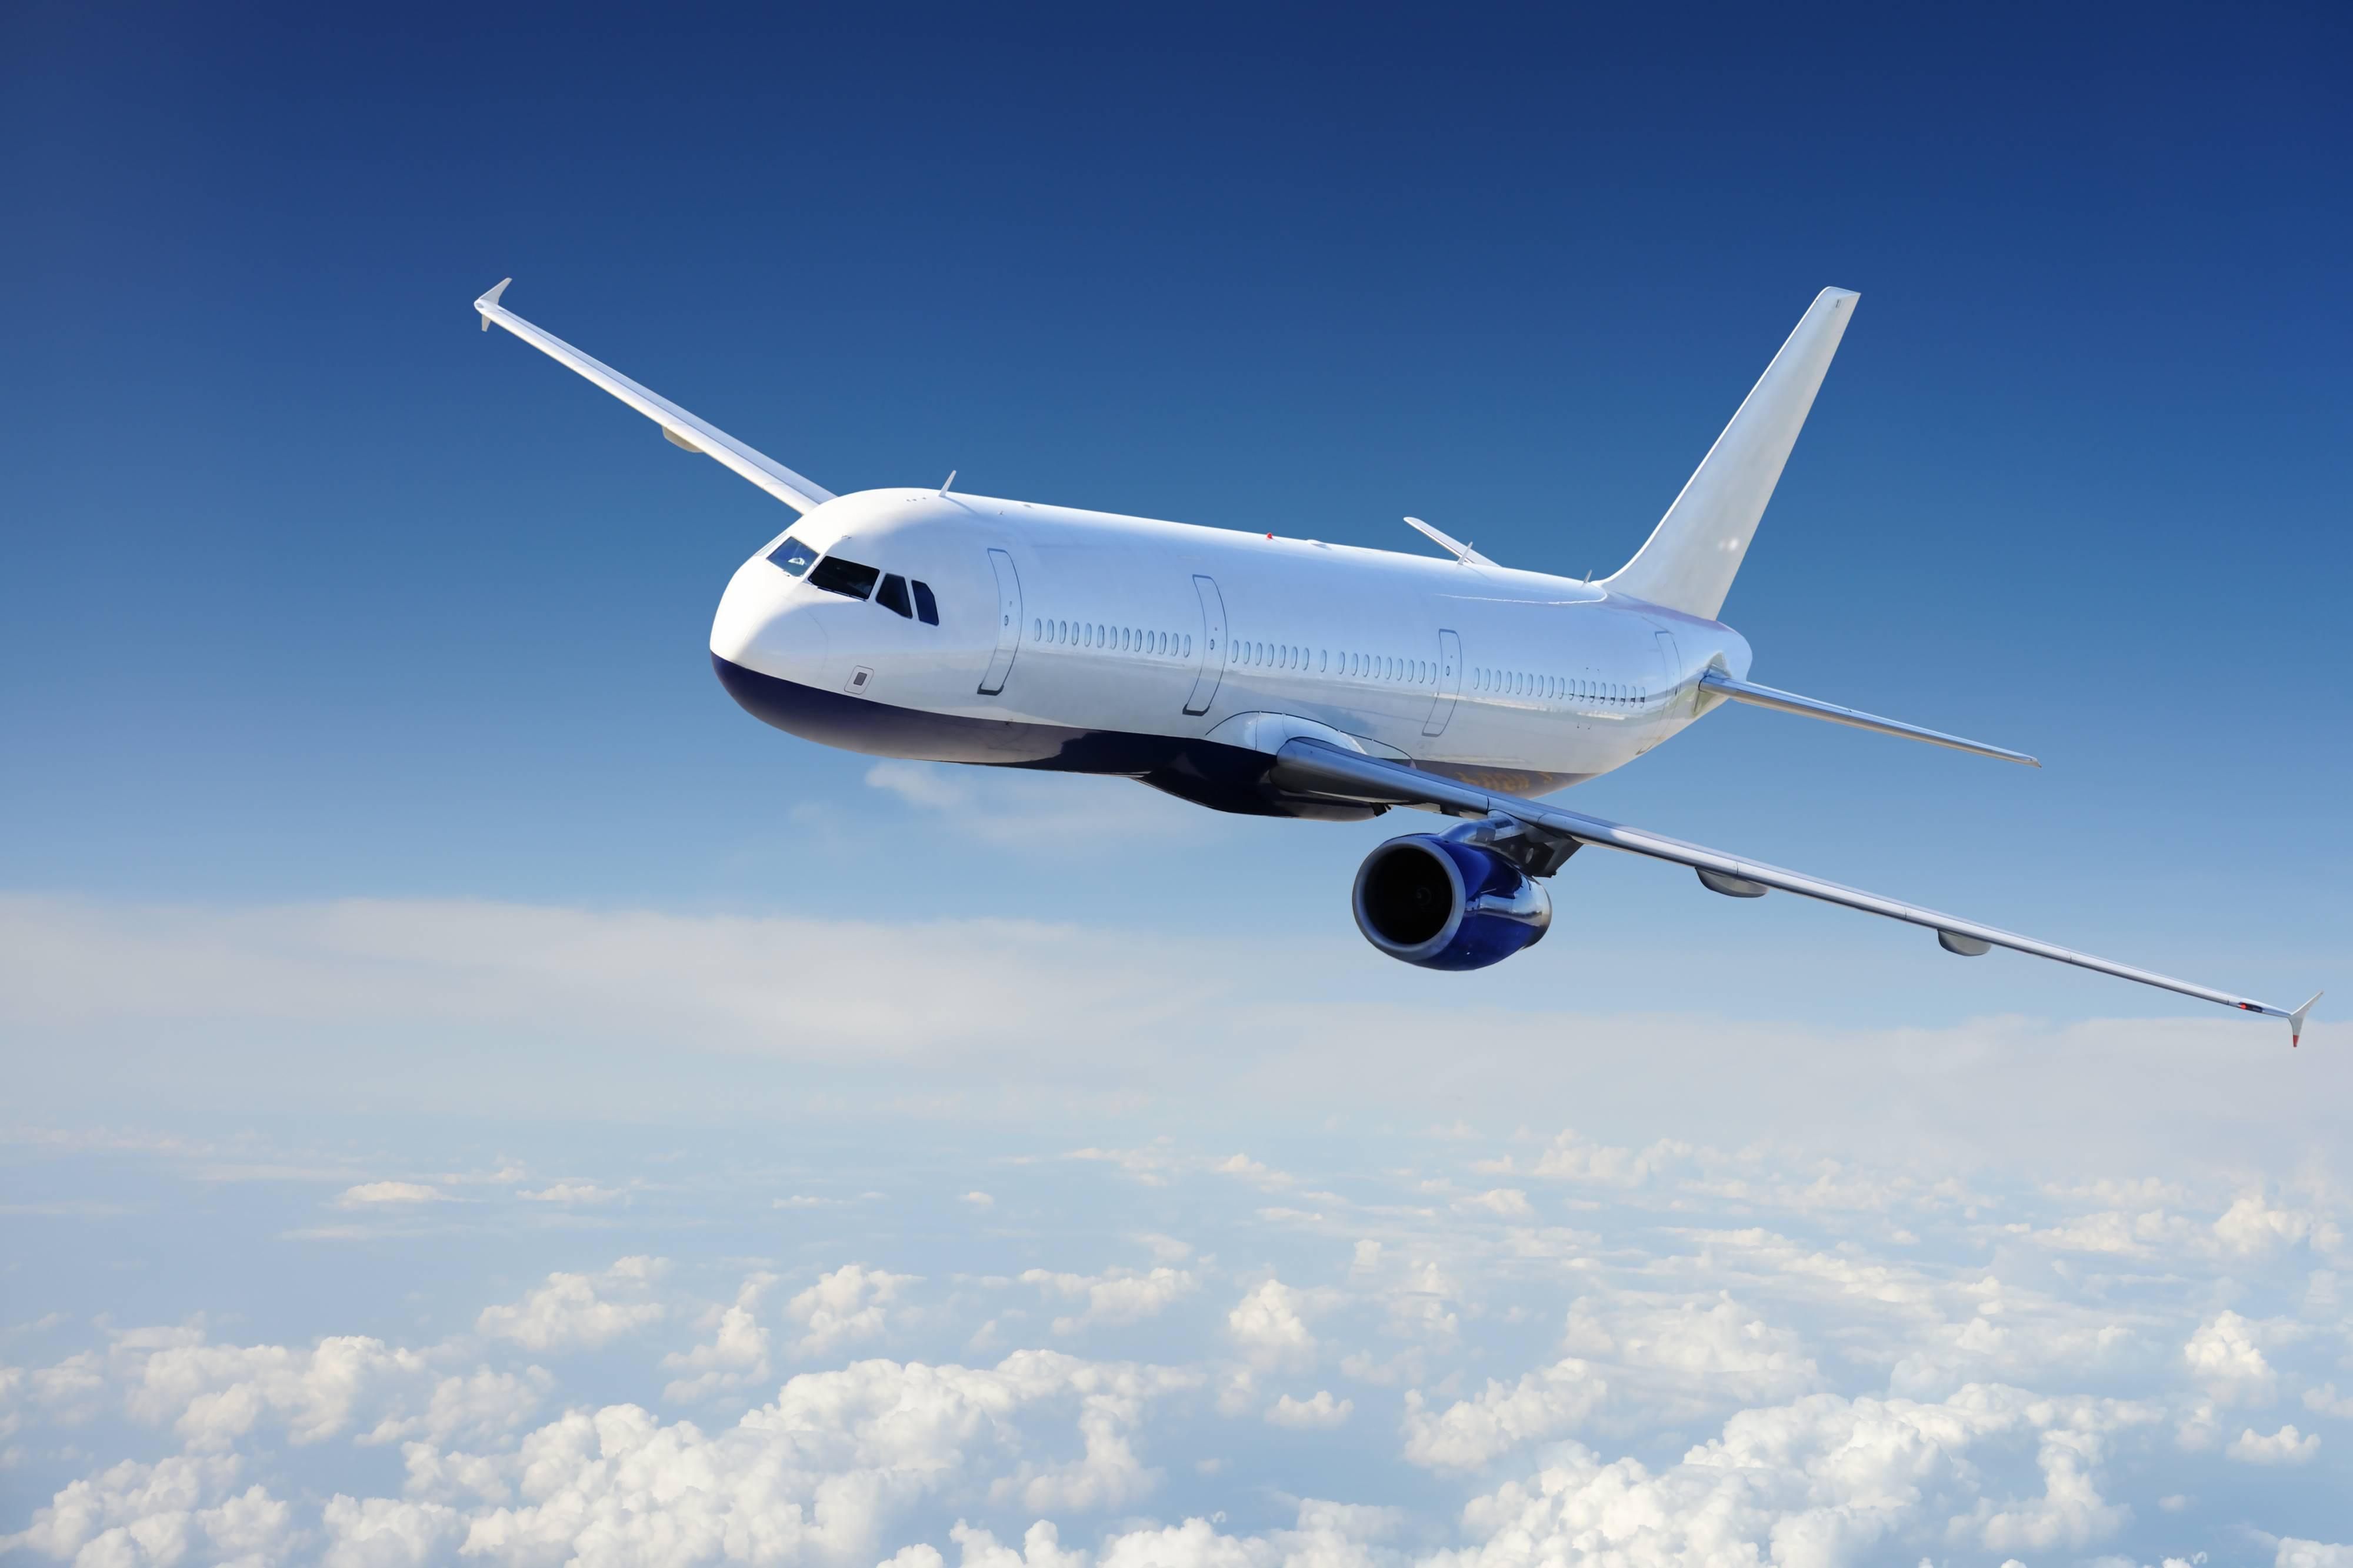 Аэропорт Ростова составил около  рейтинг самых пунктуальных авиакомпаний